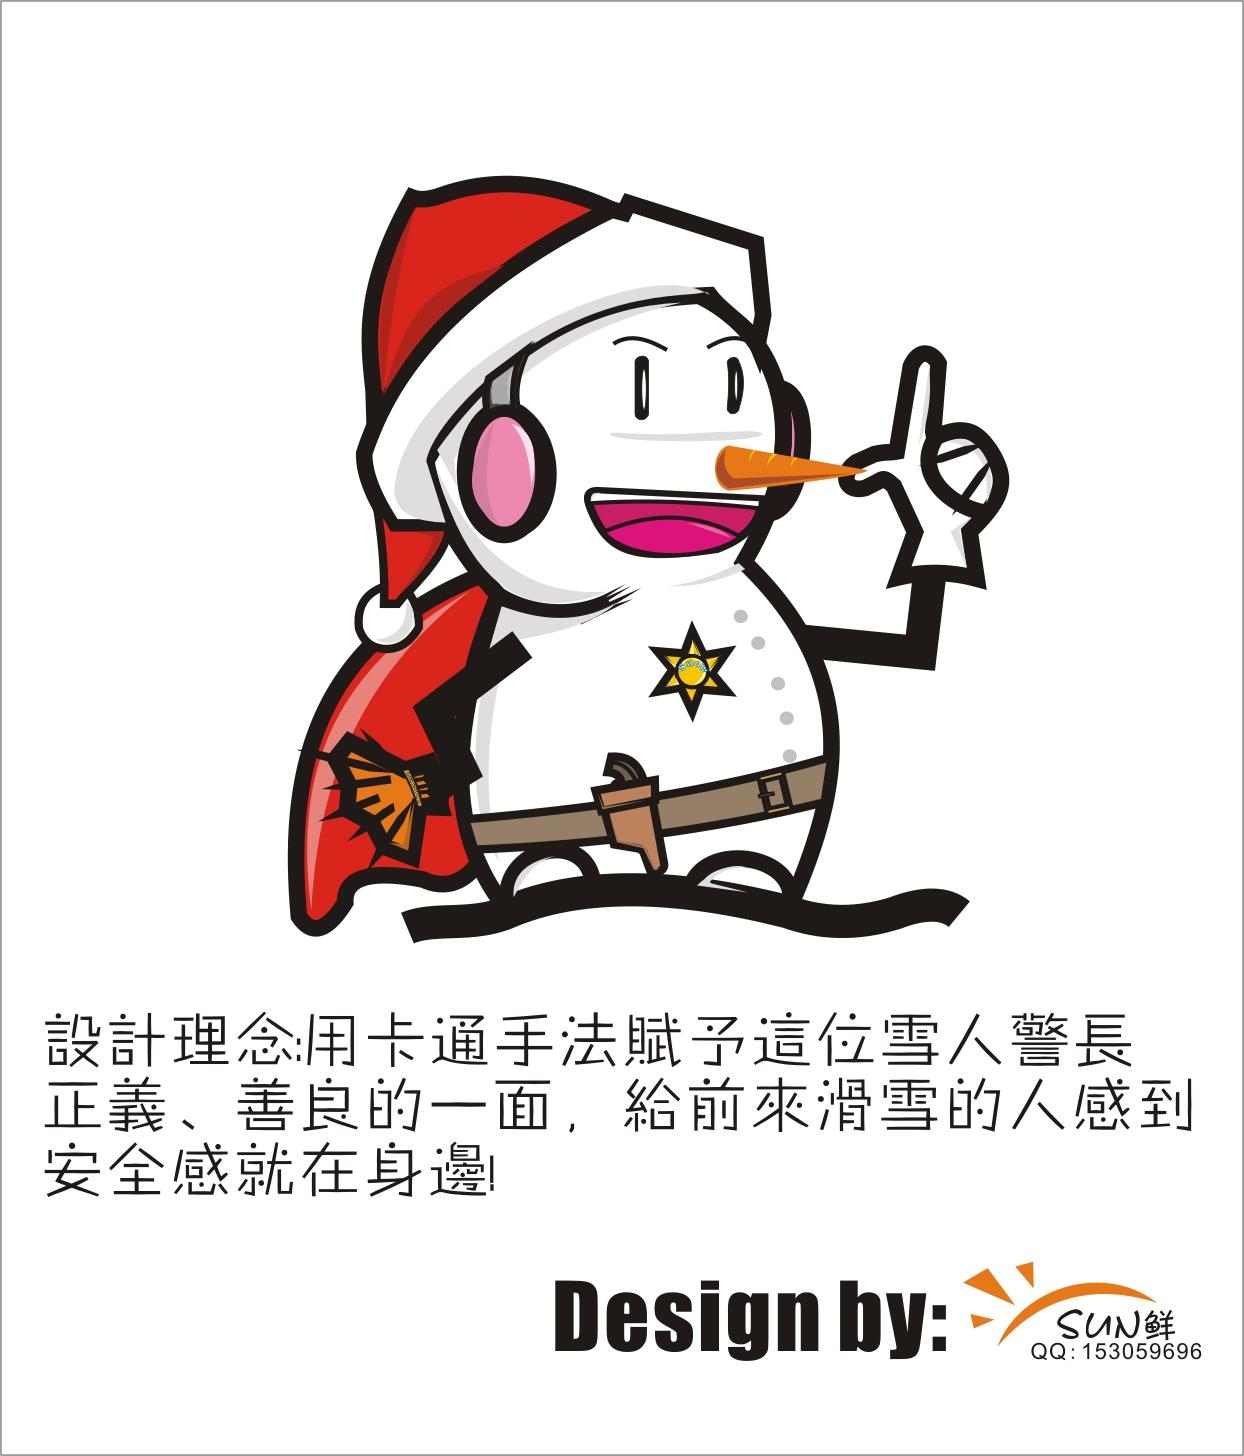 滑雪场卡通形象设计_363017_k68威客网